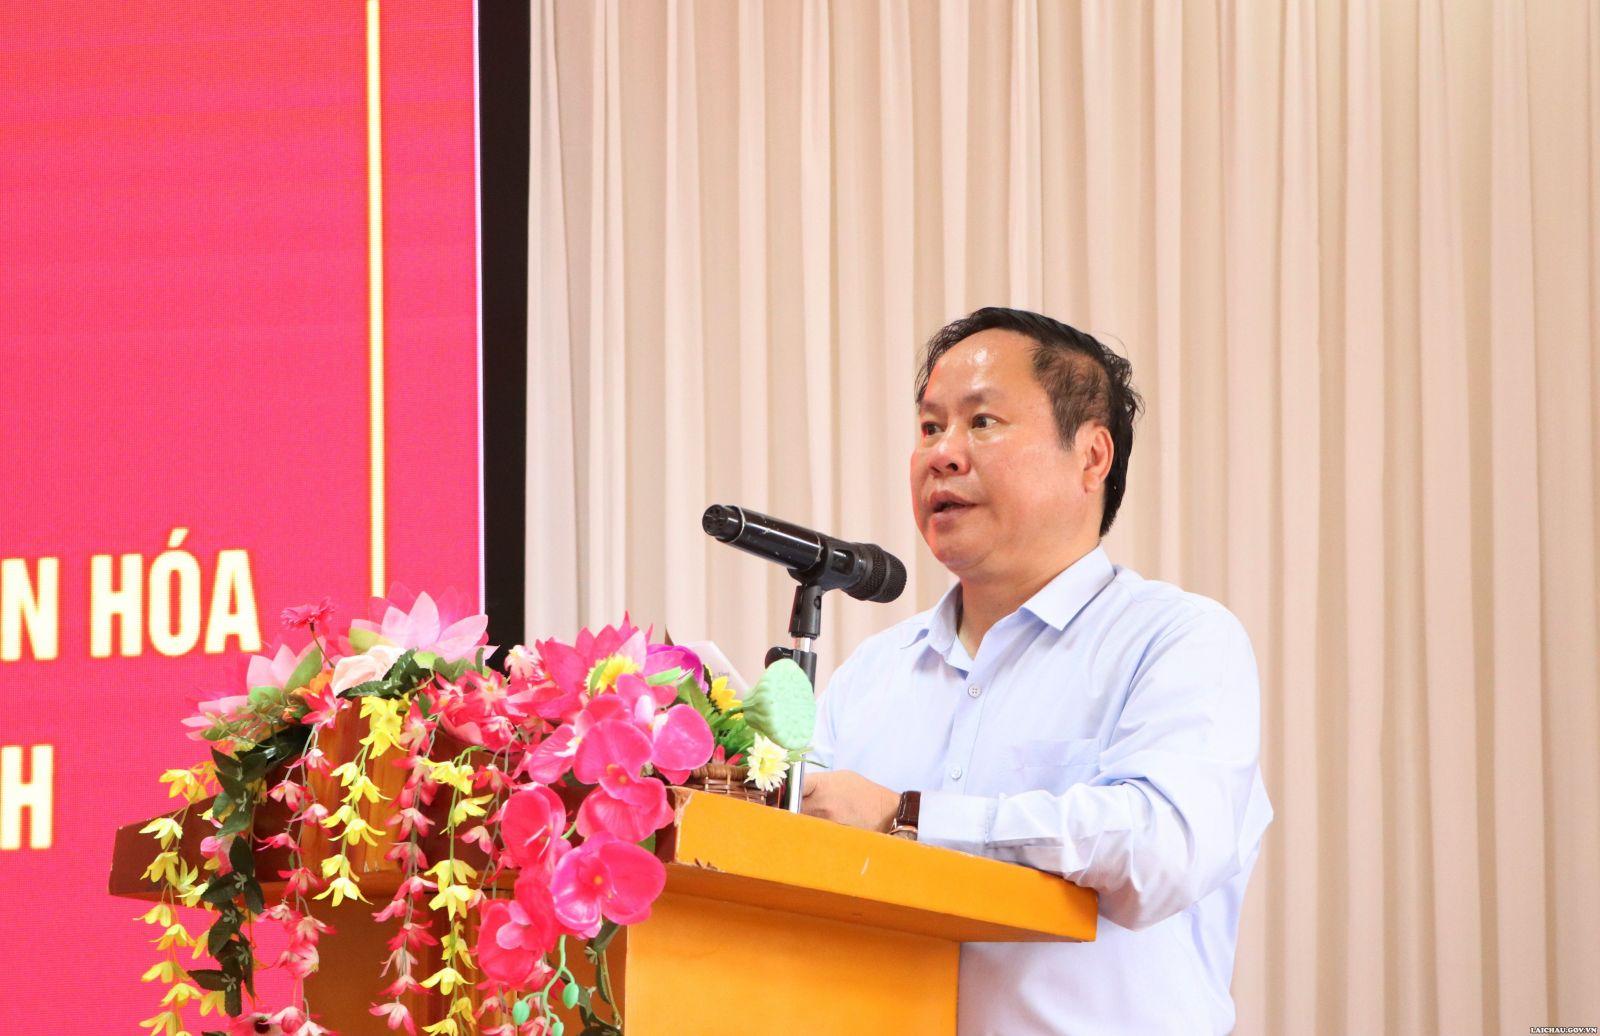 Tọa đàm về một số chính sách hỗ trợ bảo tồn, phát huy bản sắc văn hóa truyền thống tốt đẹp của các dân tộc và khuyến khích phát triển du lịch trên địa bàn tỉnh Lai Châu - Ảnh 4.